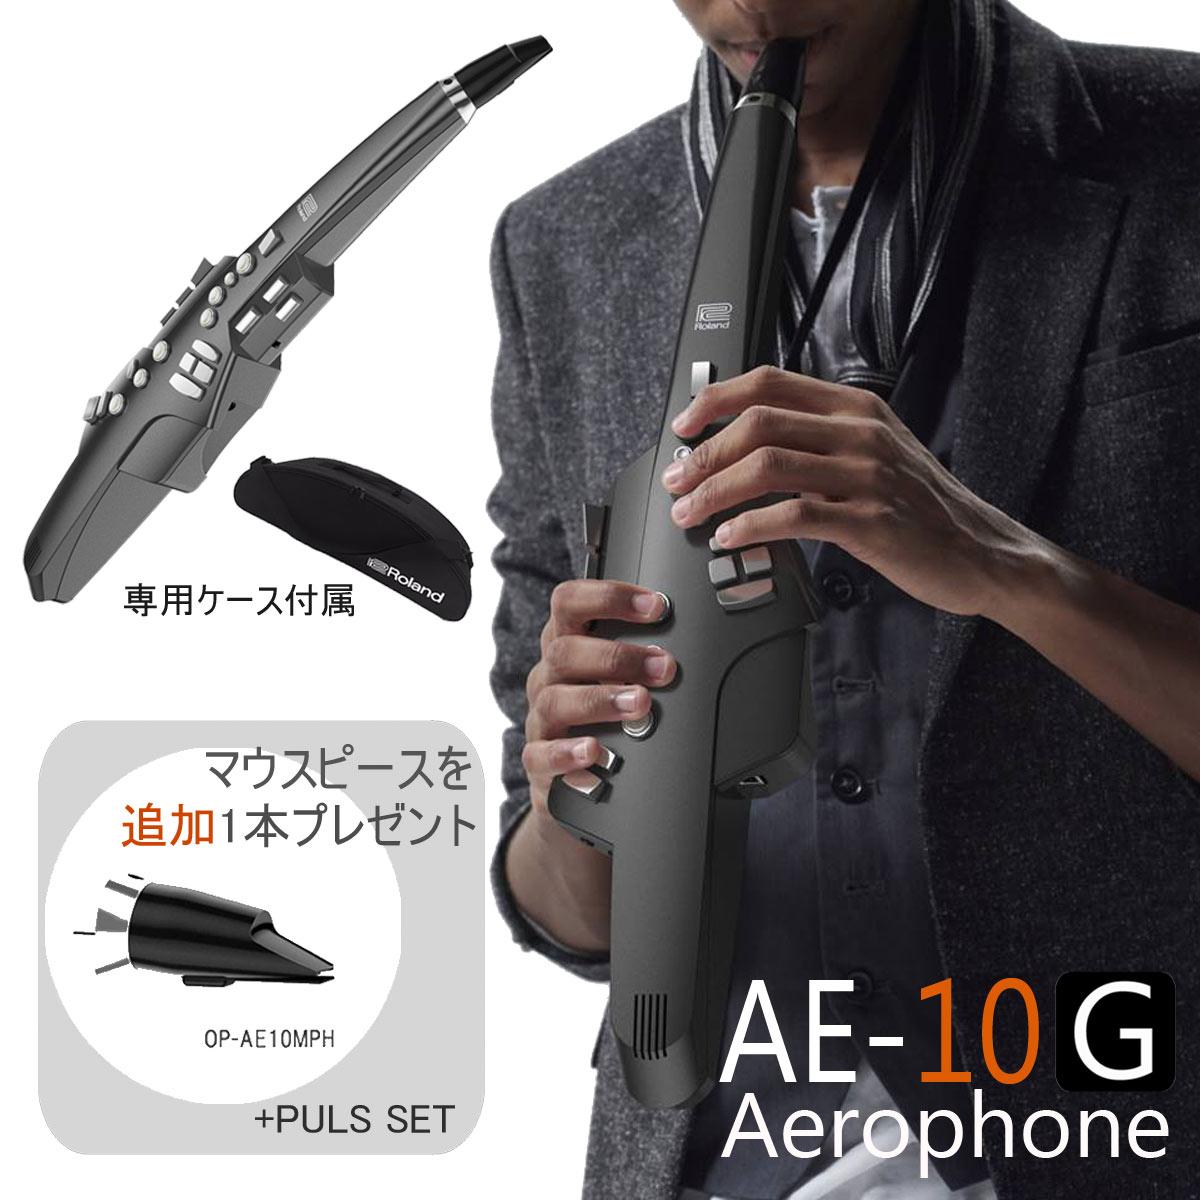 【在庫あり】Roland ローランド / Aerophone AE-10G グラファイトブラック エアロフォン 《数量限定交換用マウスピースプレゼント》【送料無料】